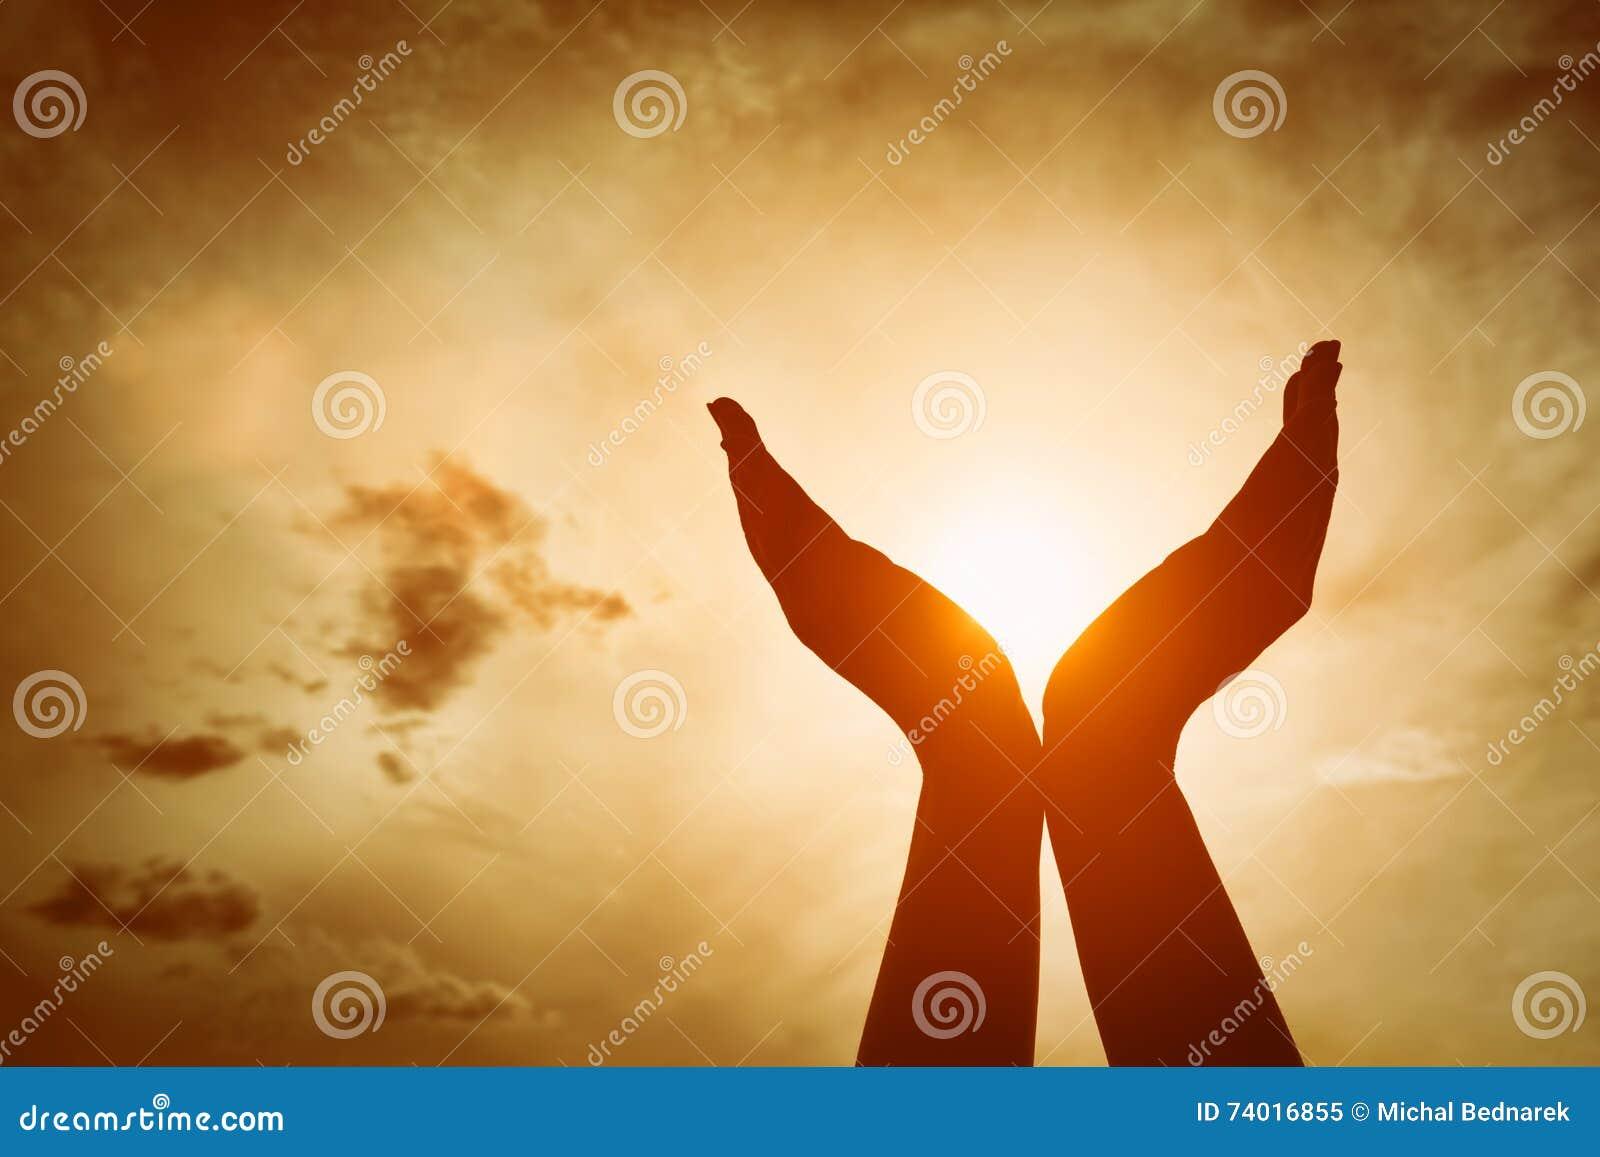 Angehobene Hände, die Sonne auf Sonnenunterganghimmel fangen Konzept der Geistigkeit, Wohl, positive Energie